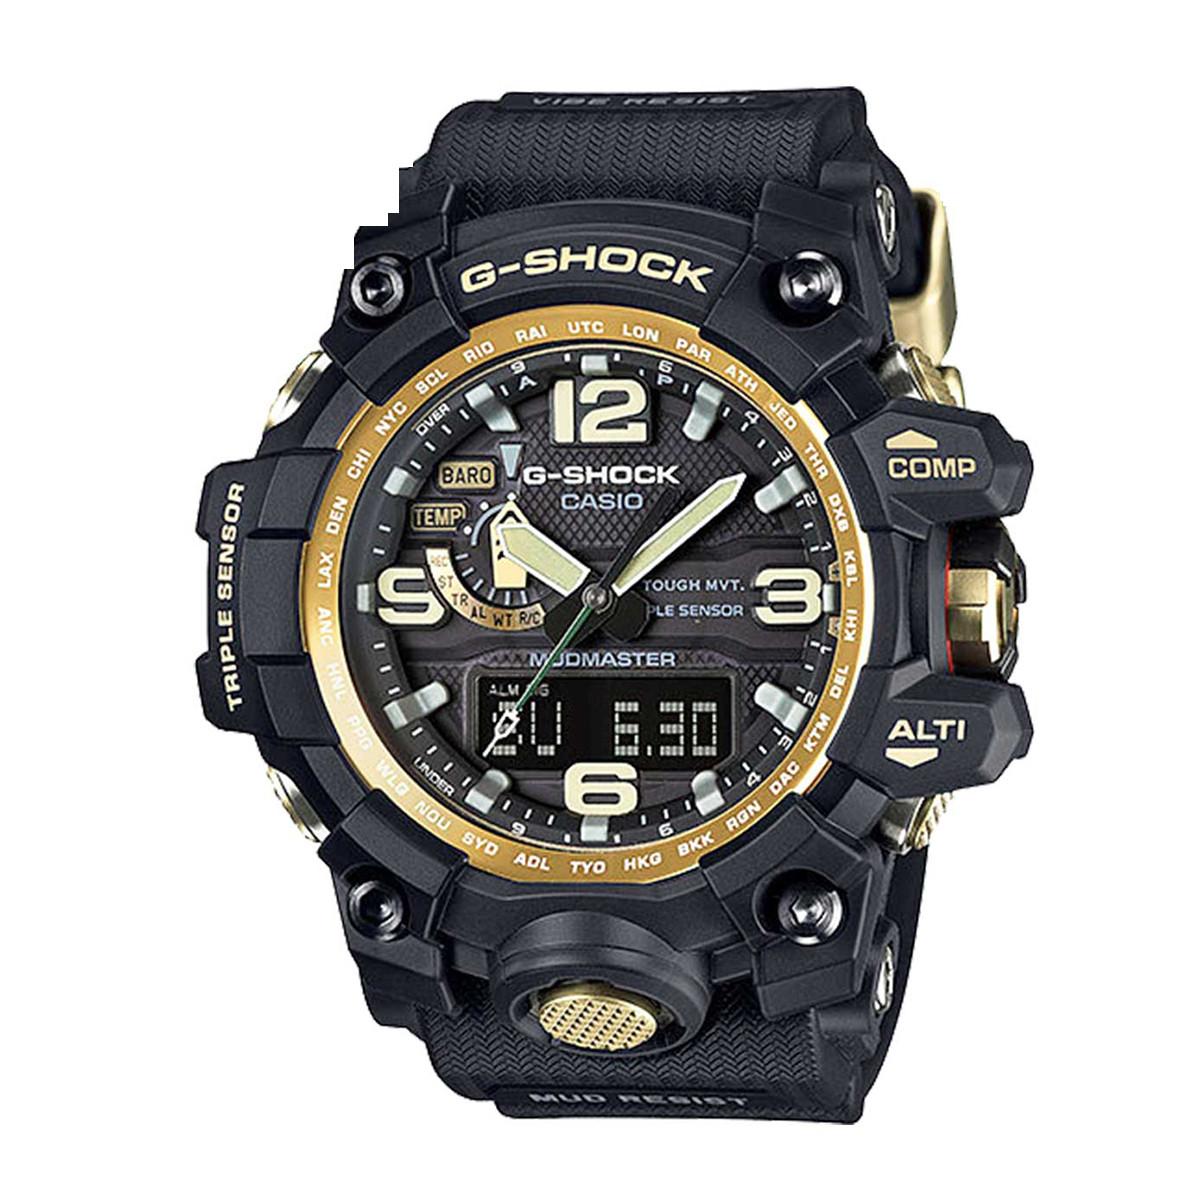 卡西欧【正品授权】卡西欧手表G-SHOCK系列太阳能运动男士手表GWG-1000GB-1APR-L